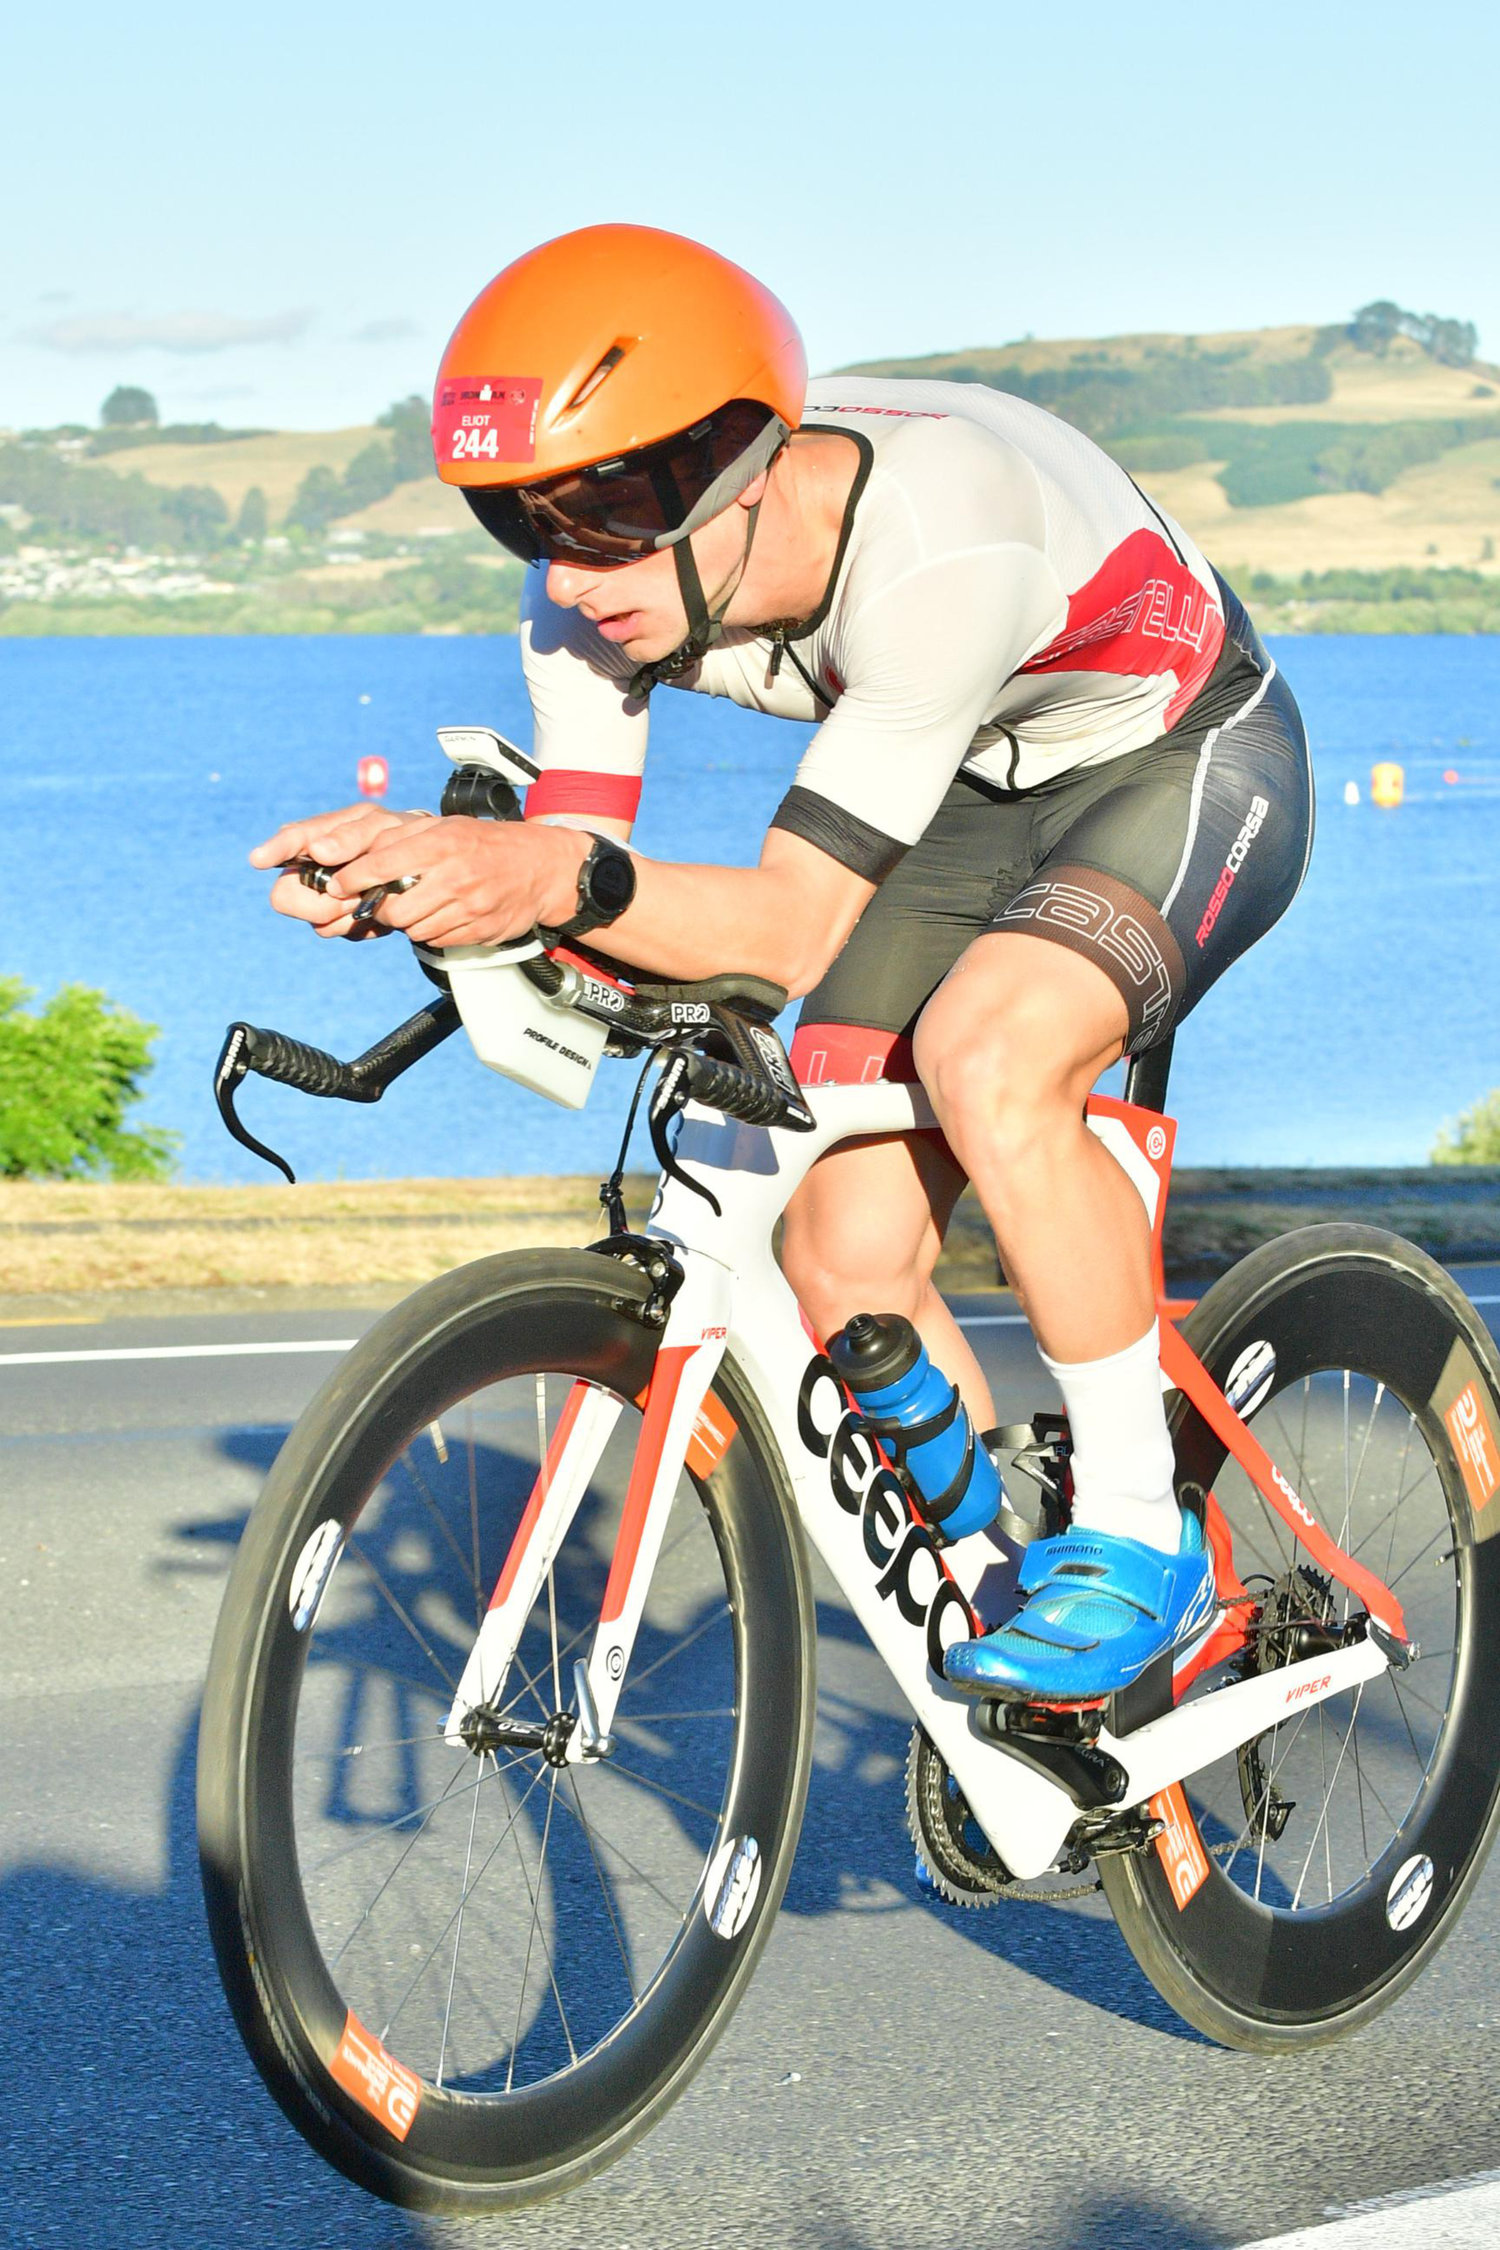 IRONMAN_New_Zealand_bike_course.jpeg